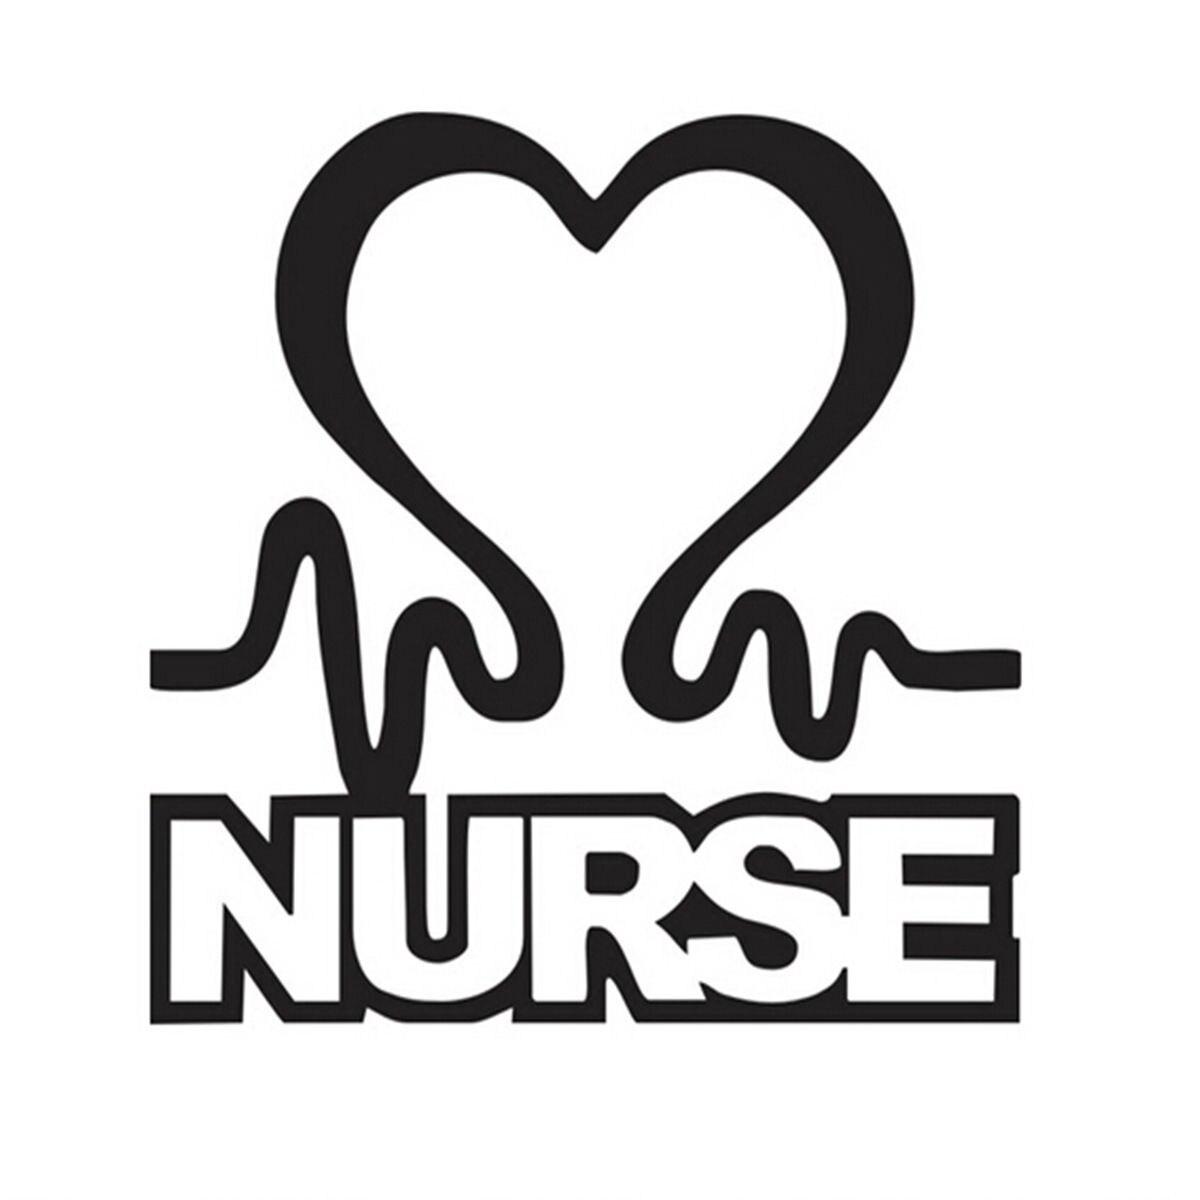 Nurse Stickers Vender Por Atacado